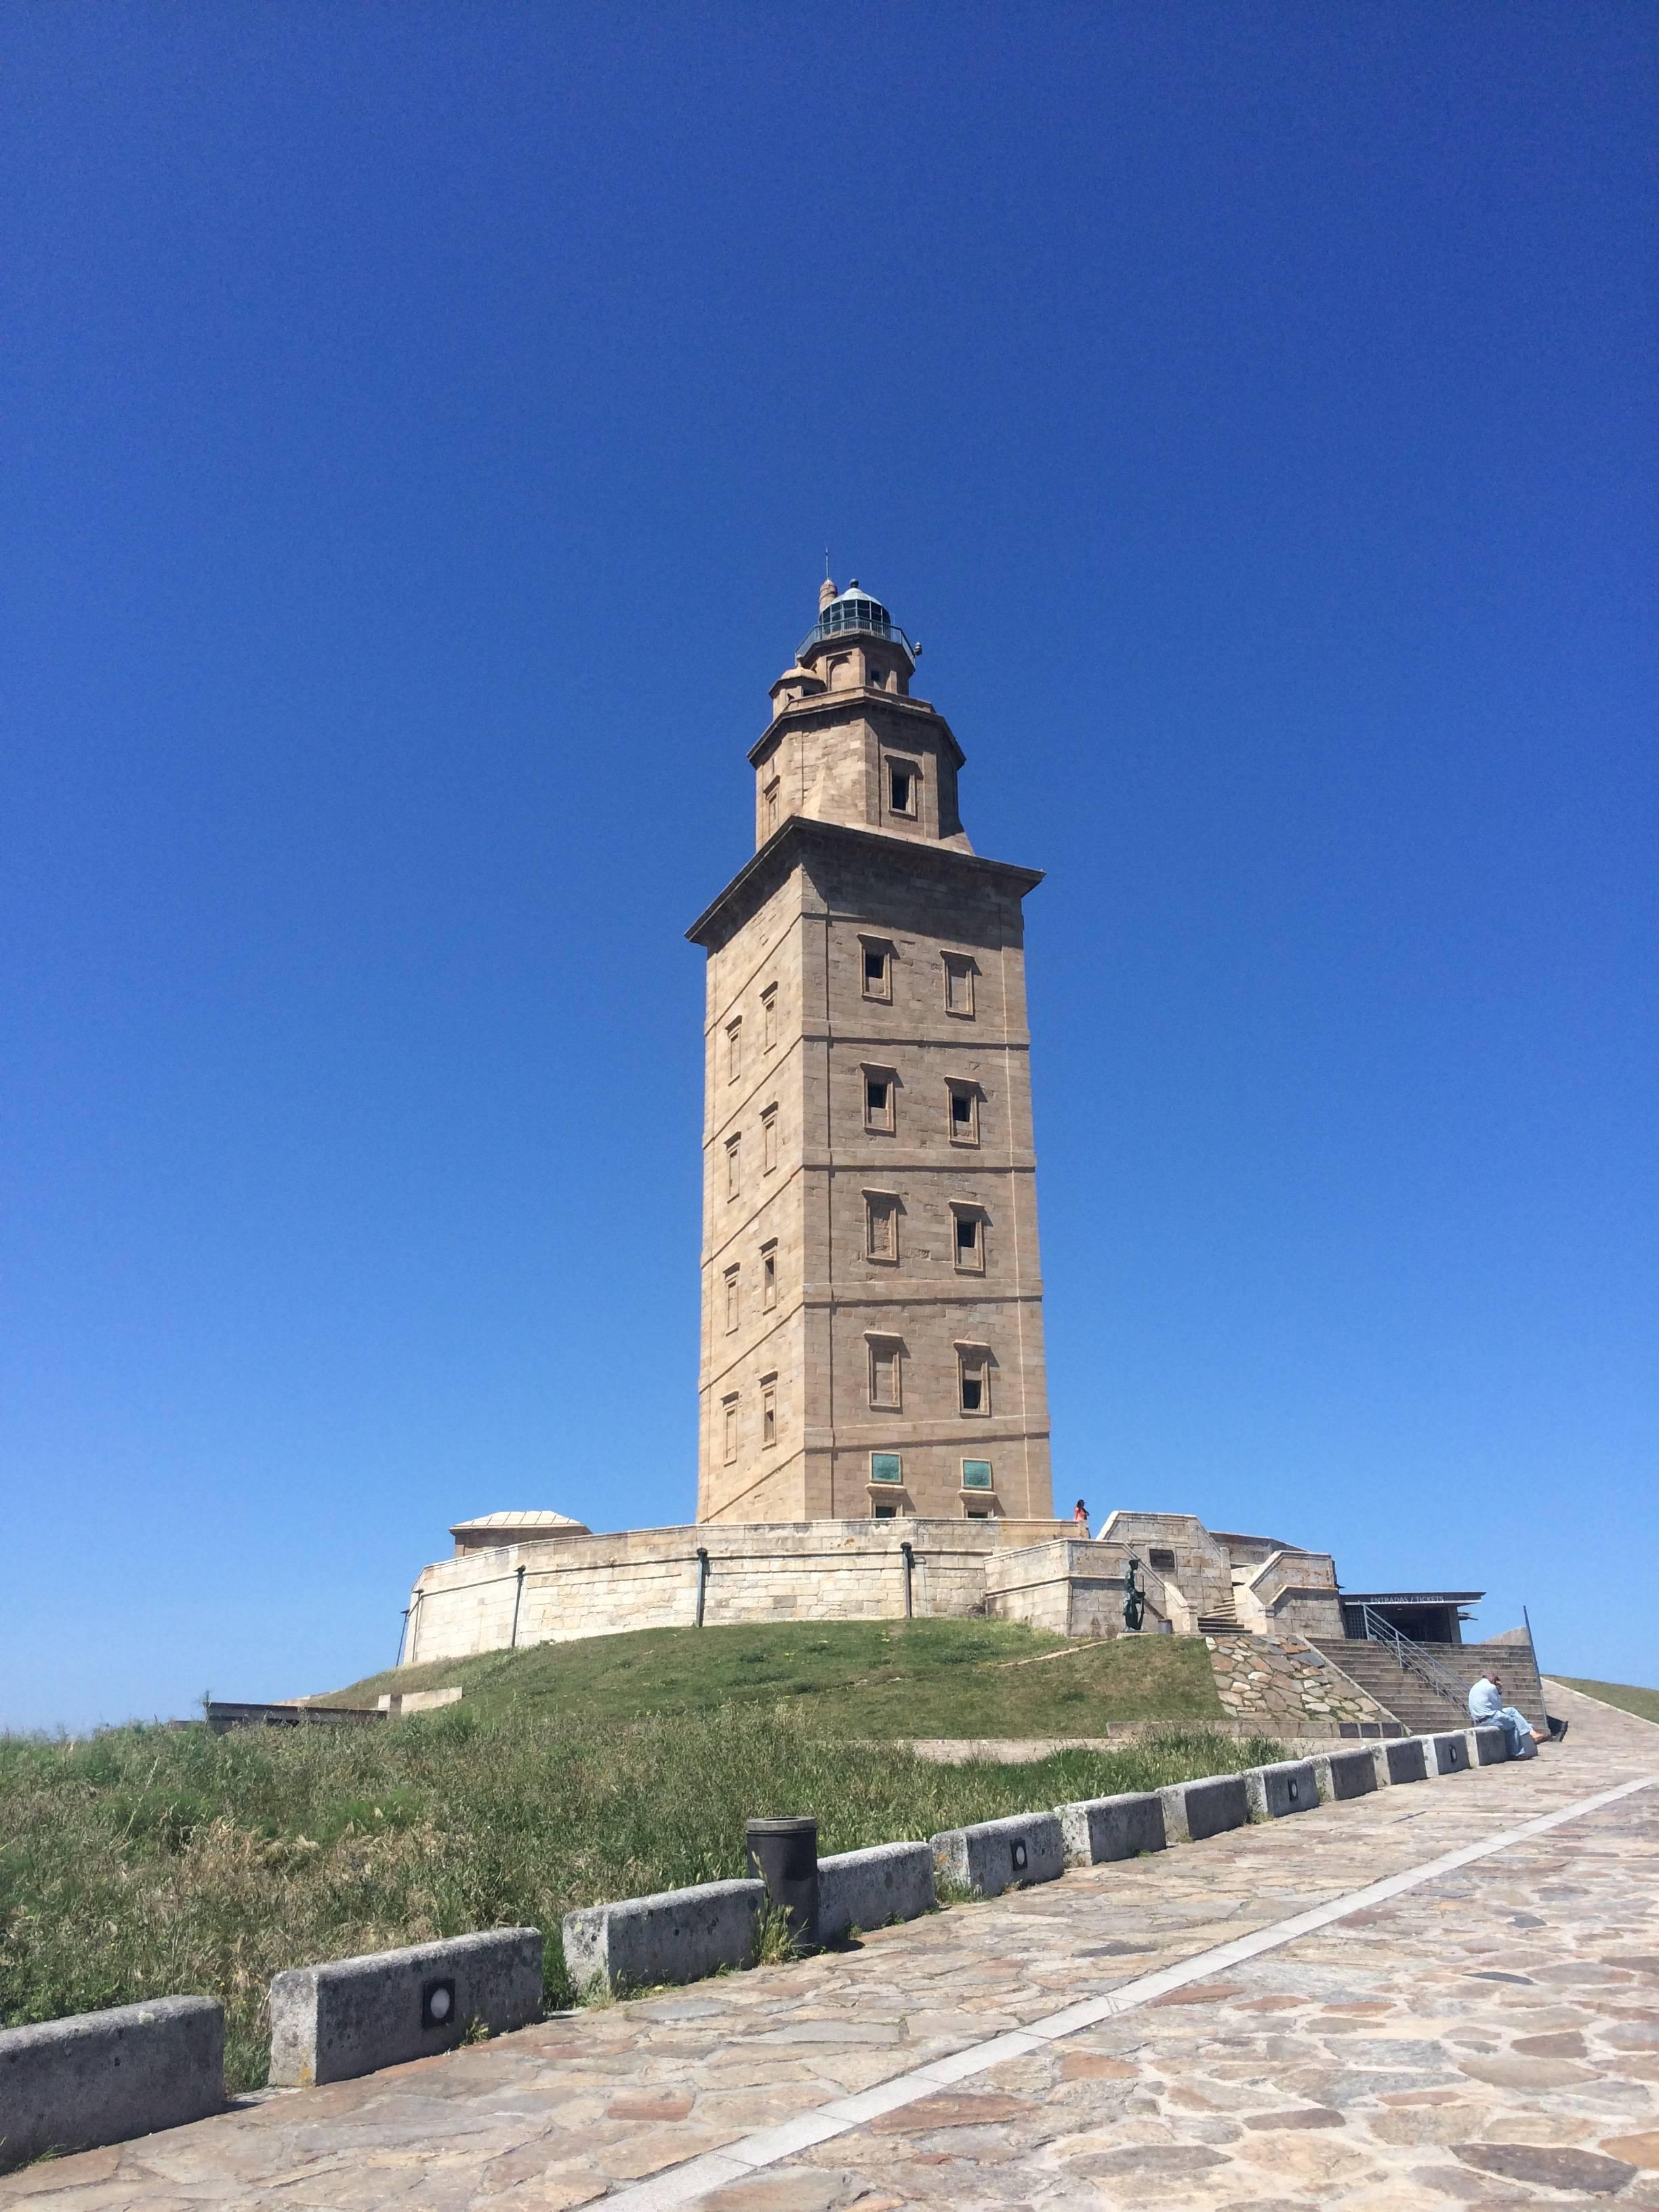 Photo 1: Tour d'hercules A Coruña